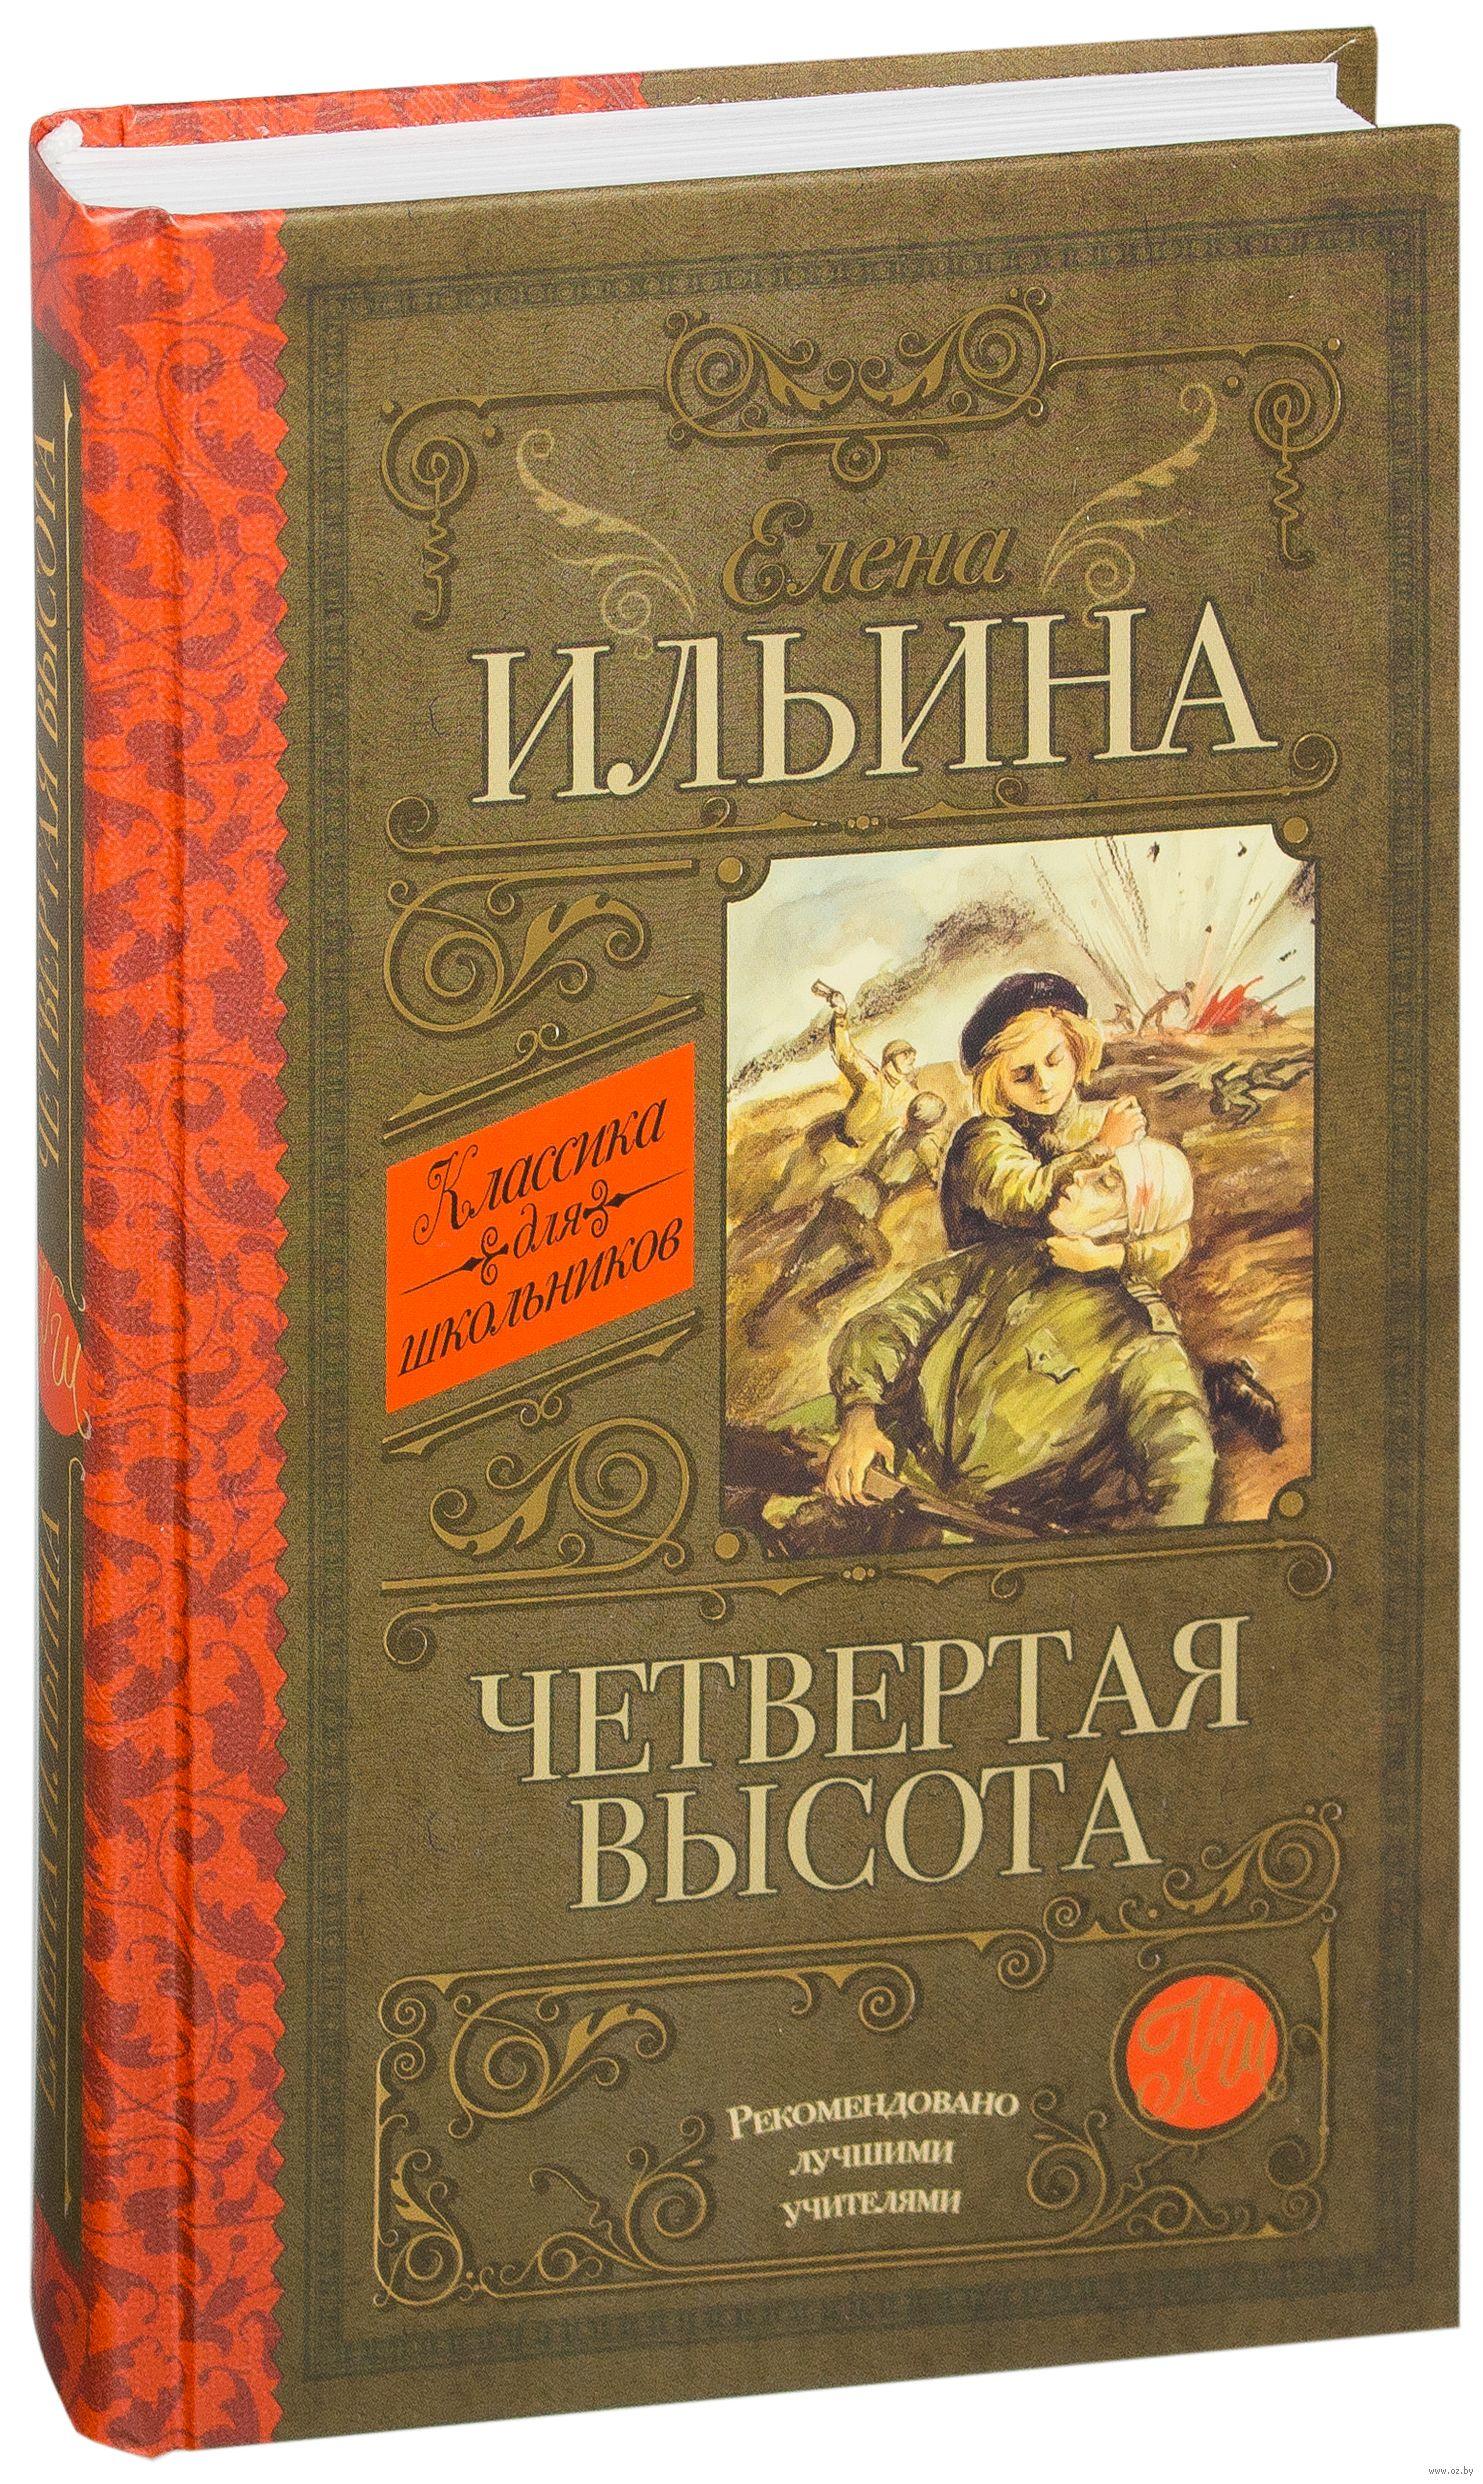 Картинки из книги четвертая высота